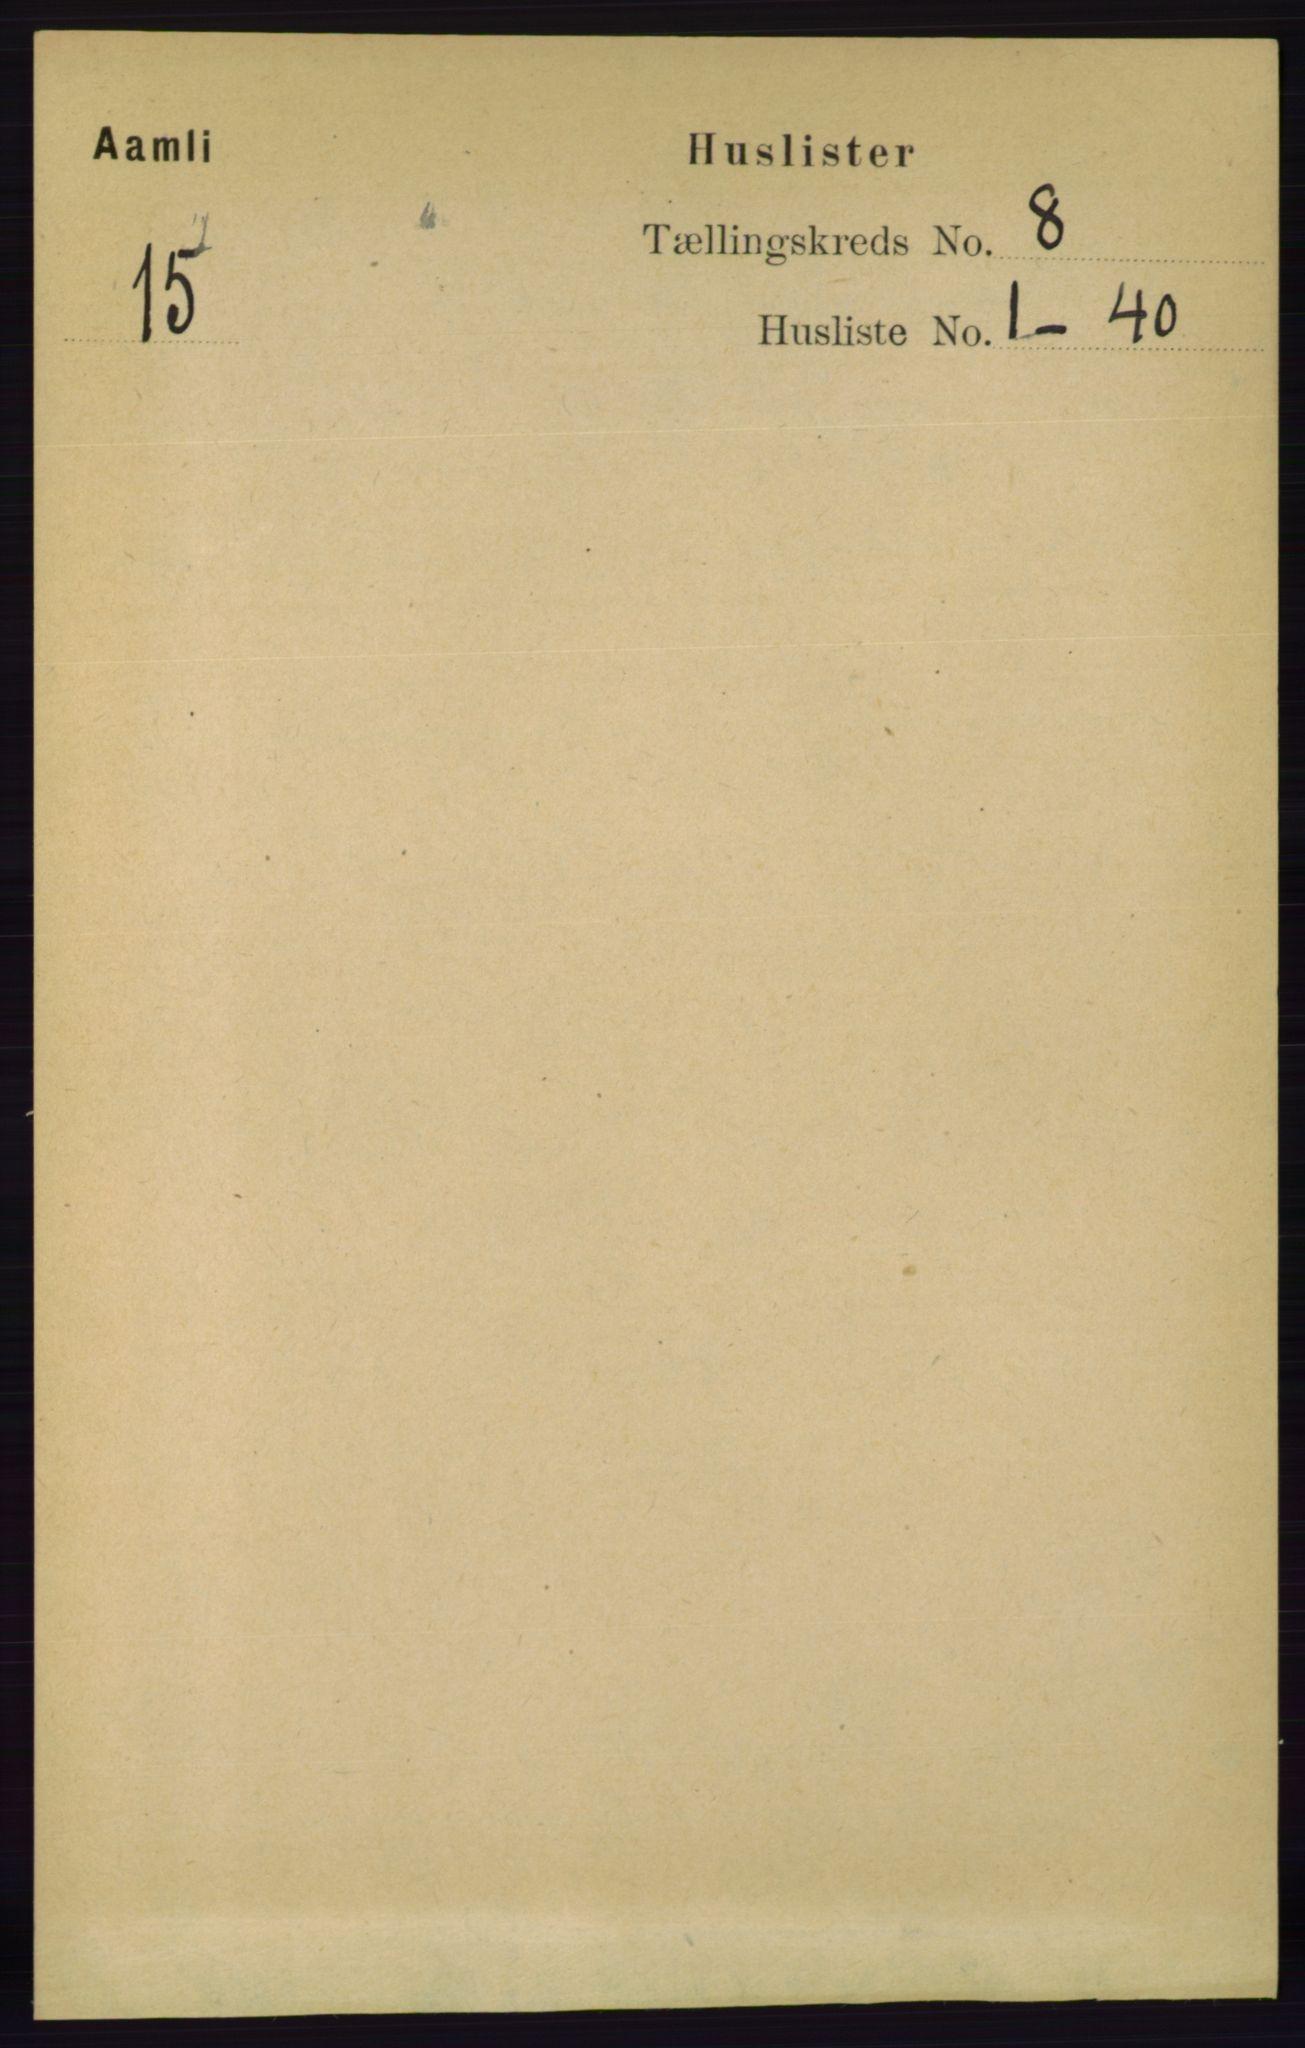 RA, Folketelling 1891 for 0929 Åmli herred, 1891, s. 1065